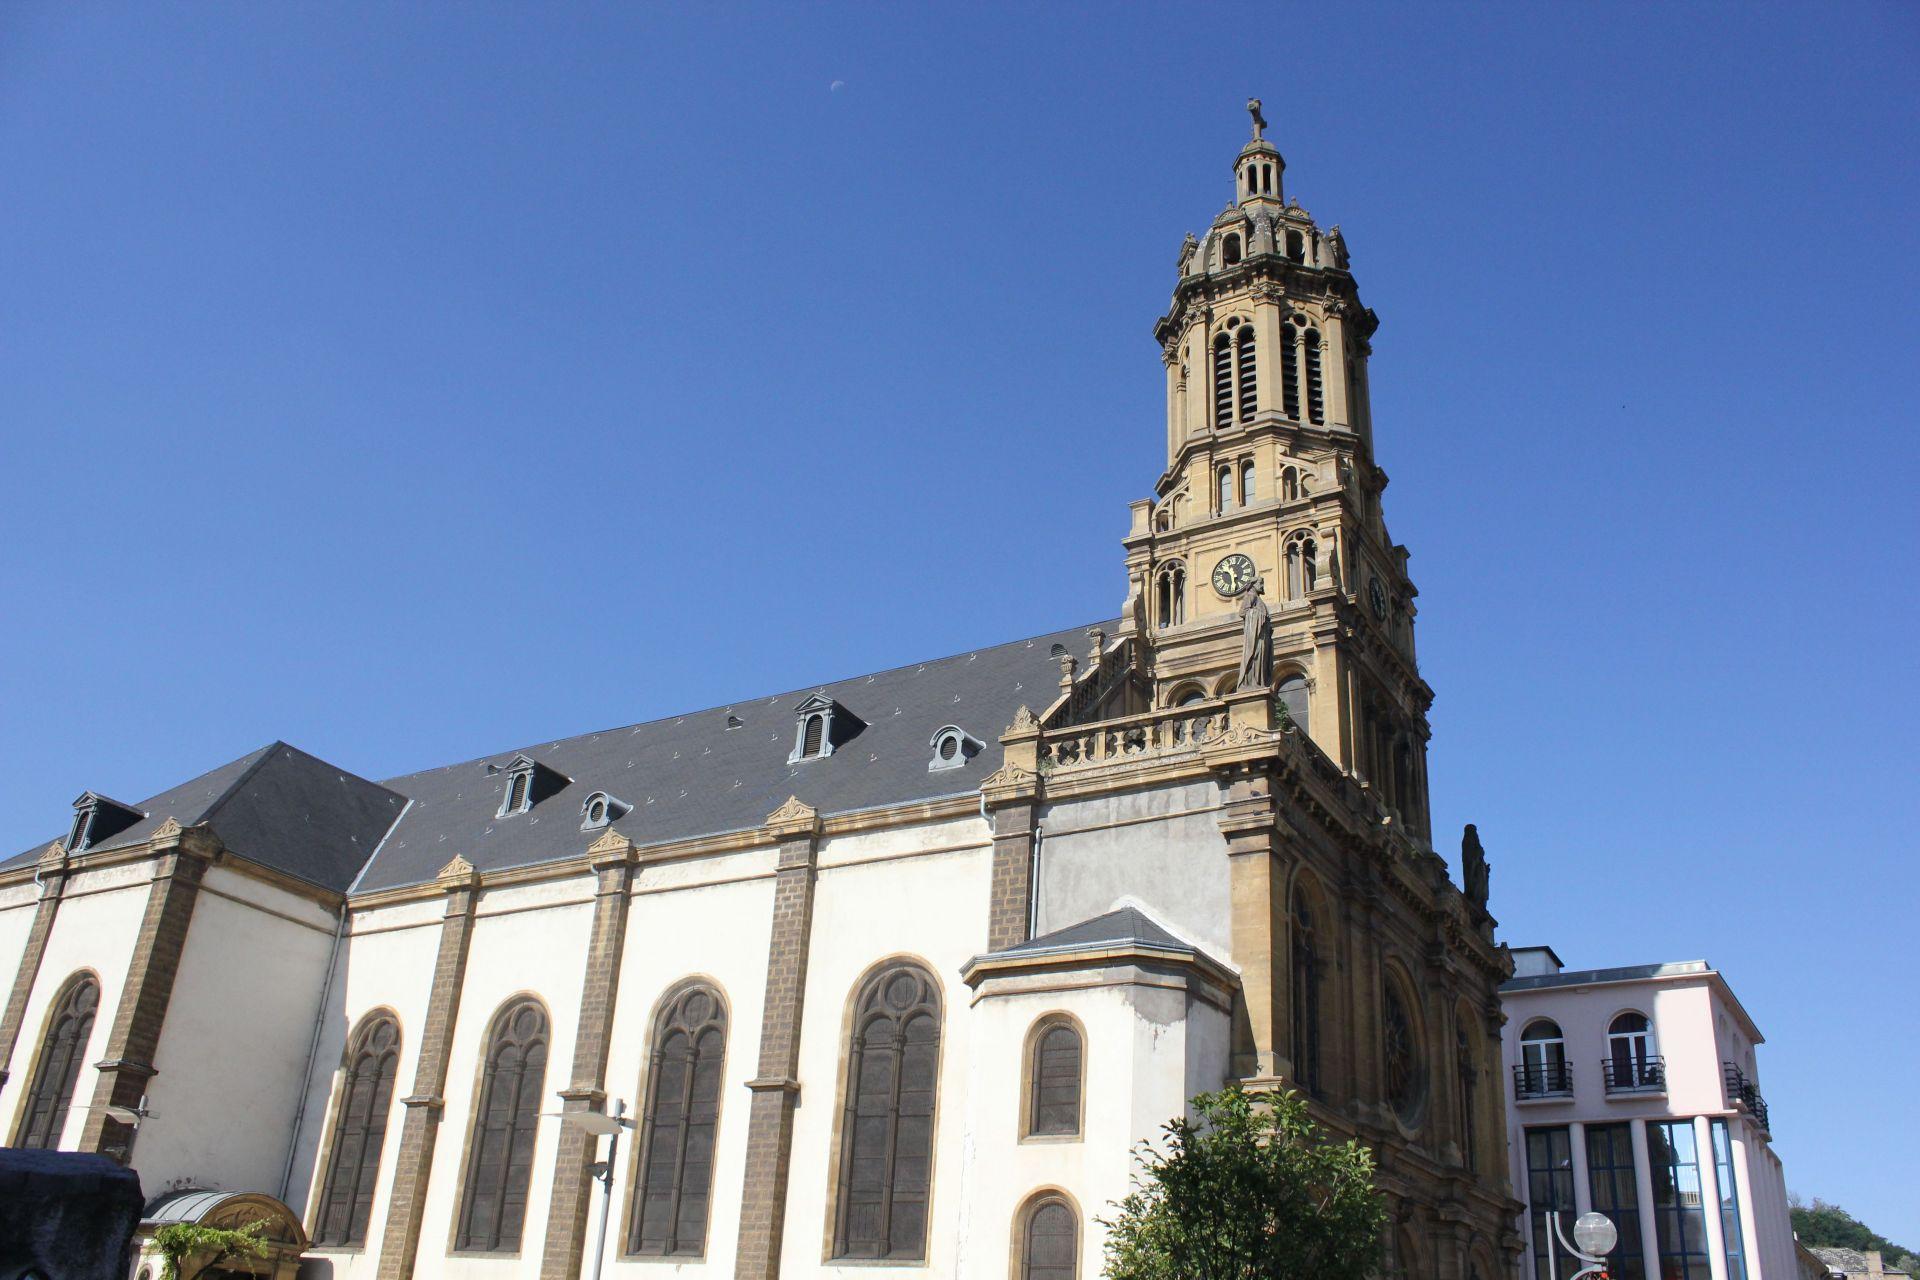 Église du Christ datant service Cupidon espace vitesse datant